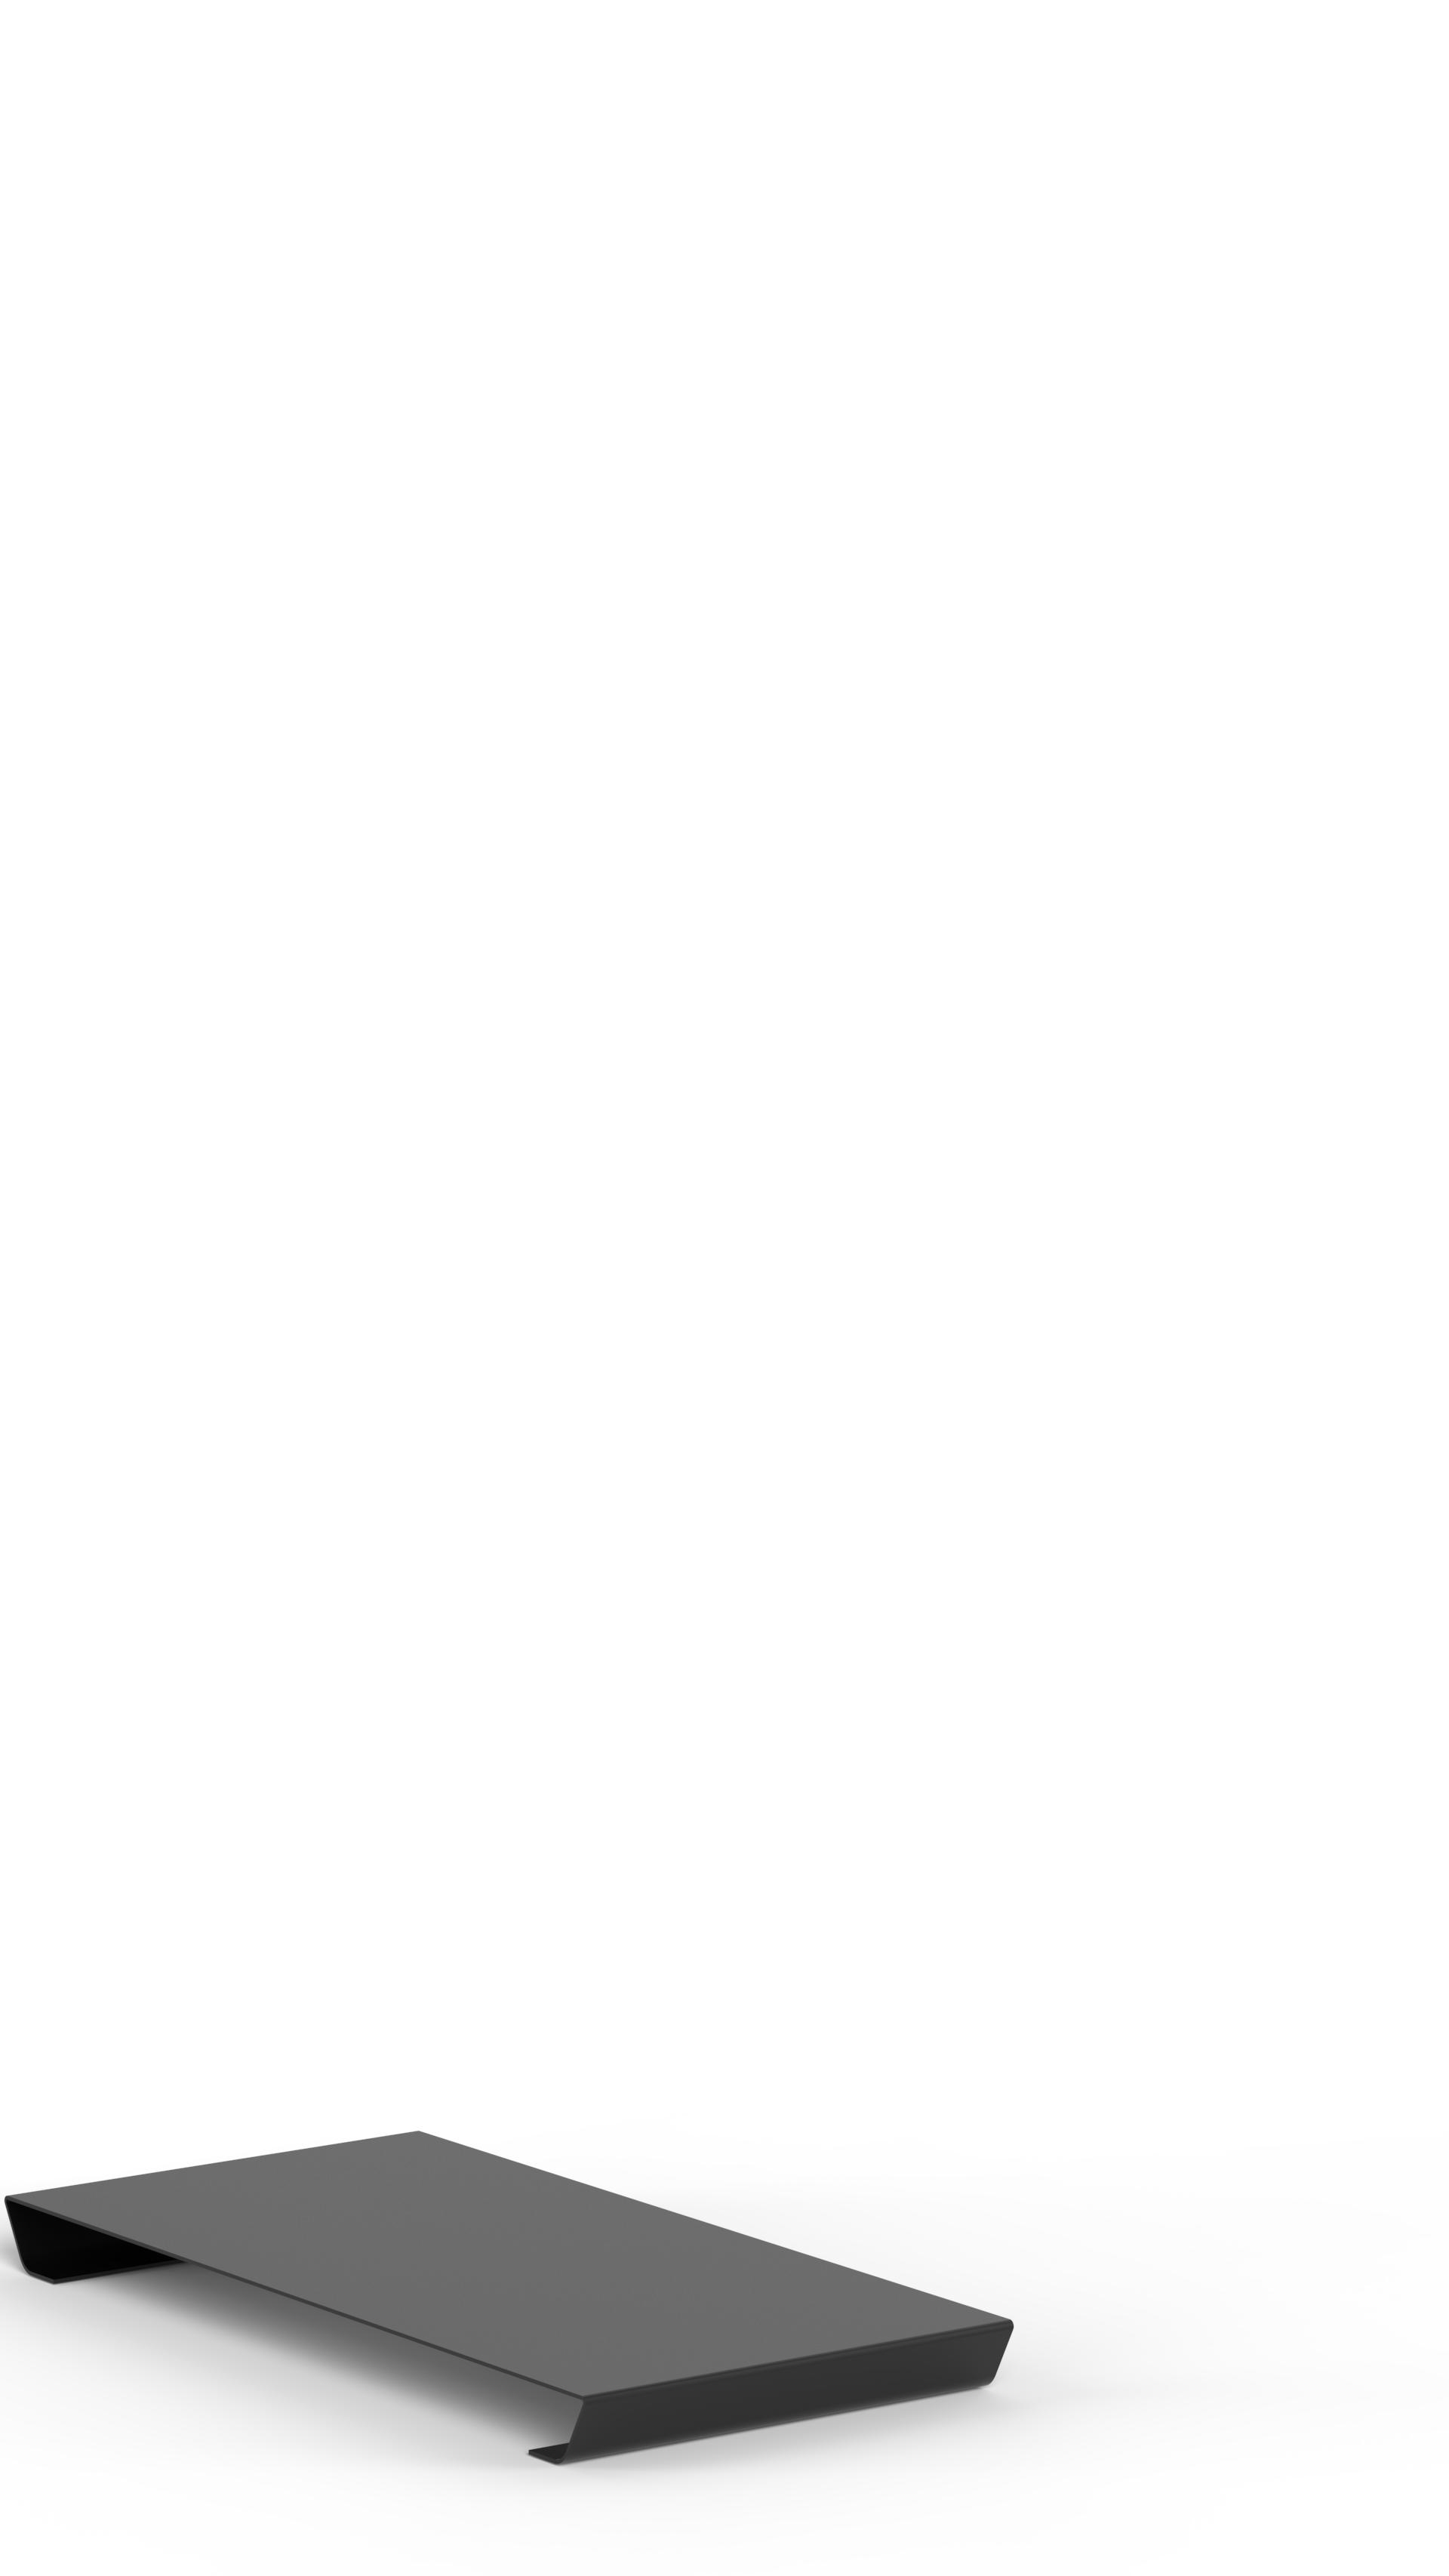 aeroPL50x25x4x2 Présentoir plateau de présentation SAINT-HONORÉ PARIS